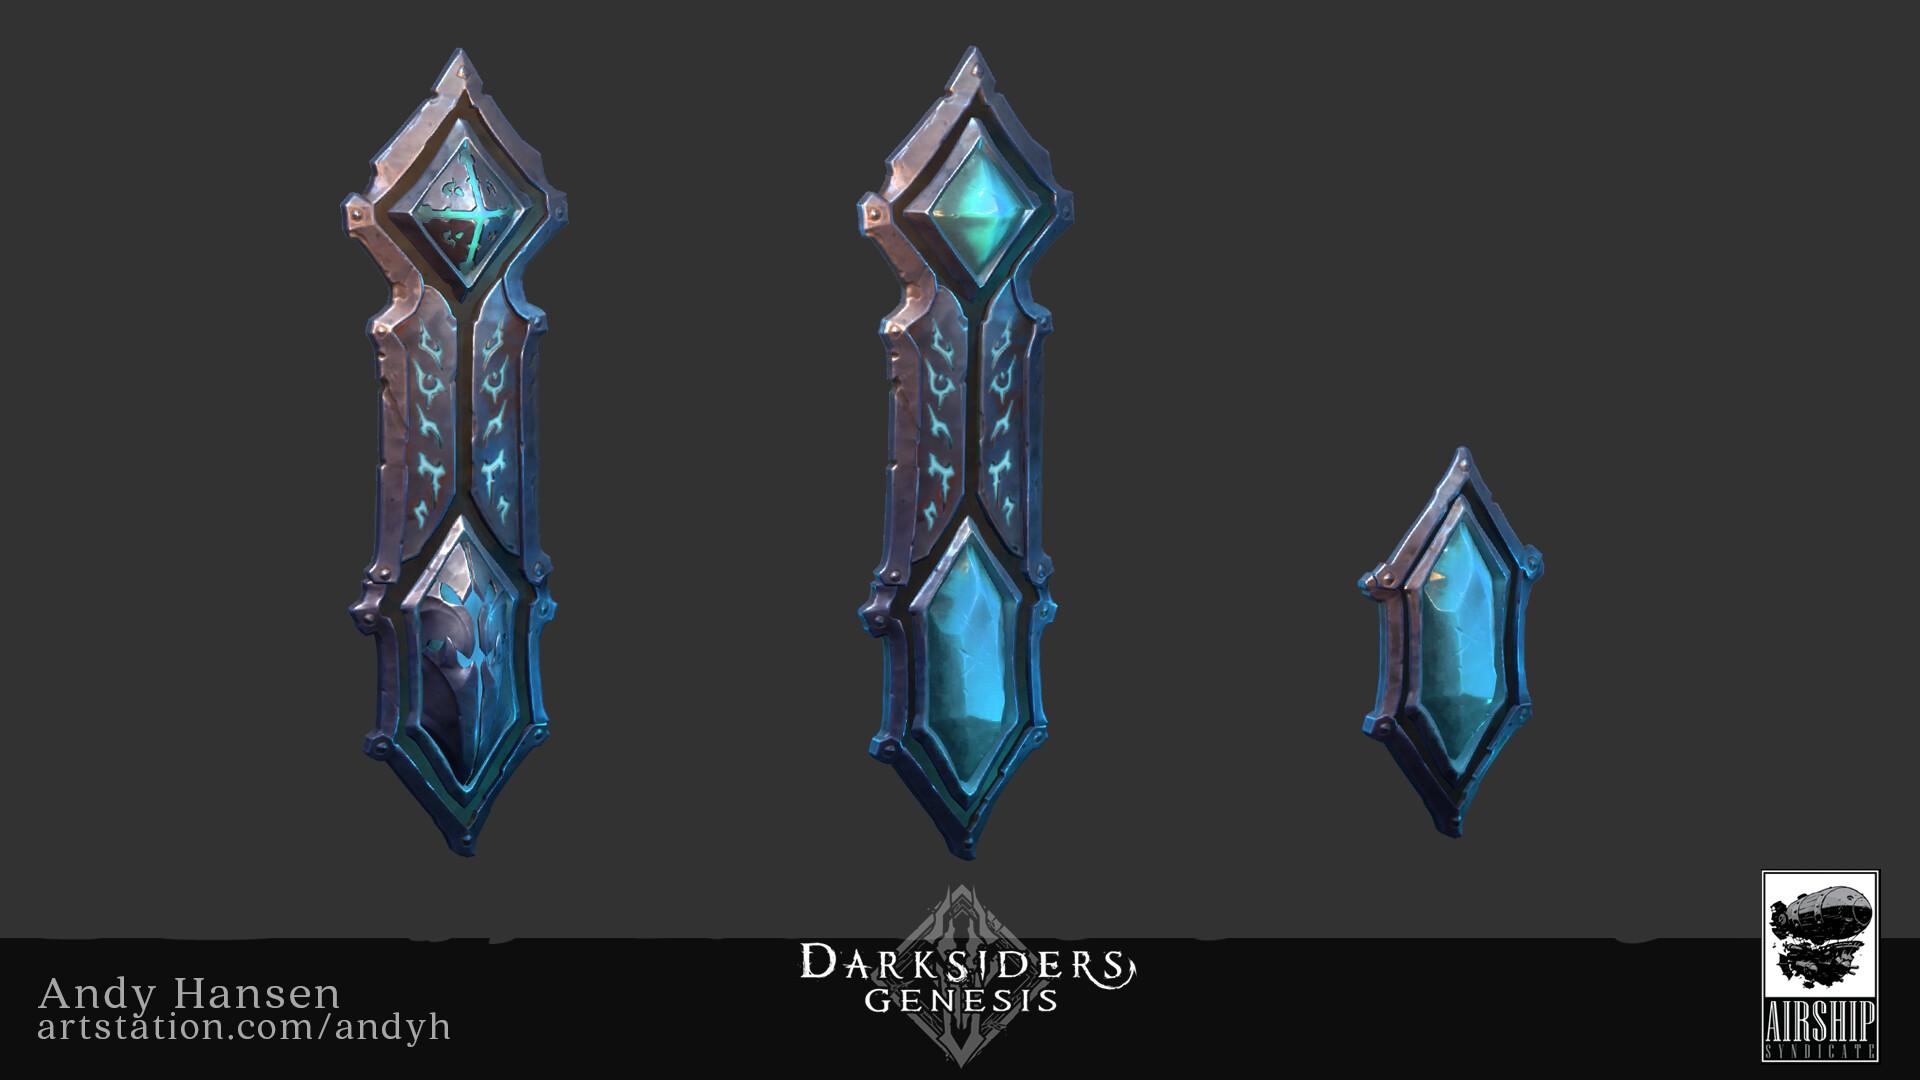 Концепт-арты Darksiders Genesis